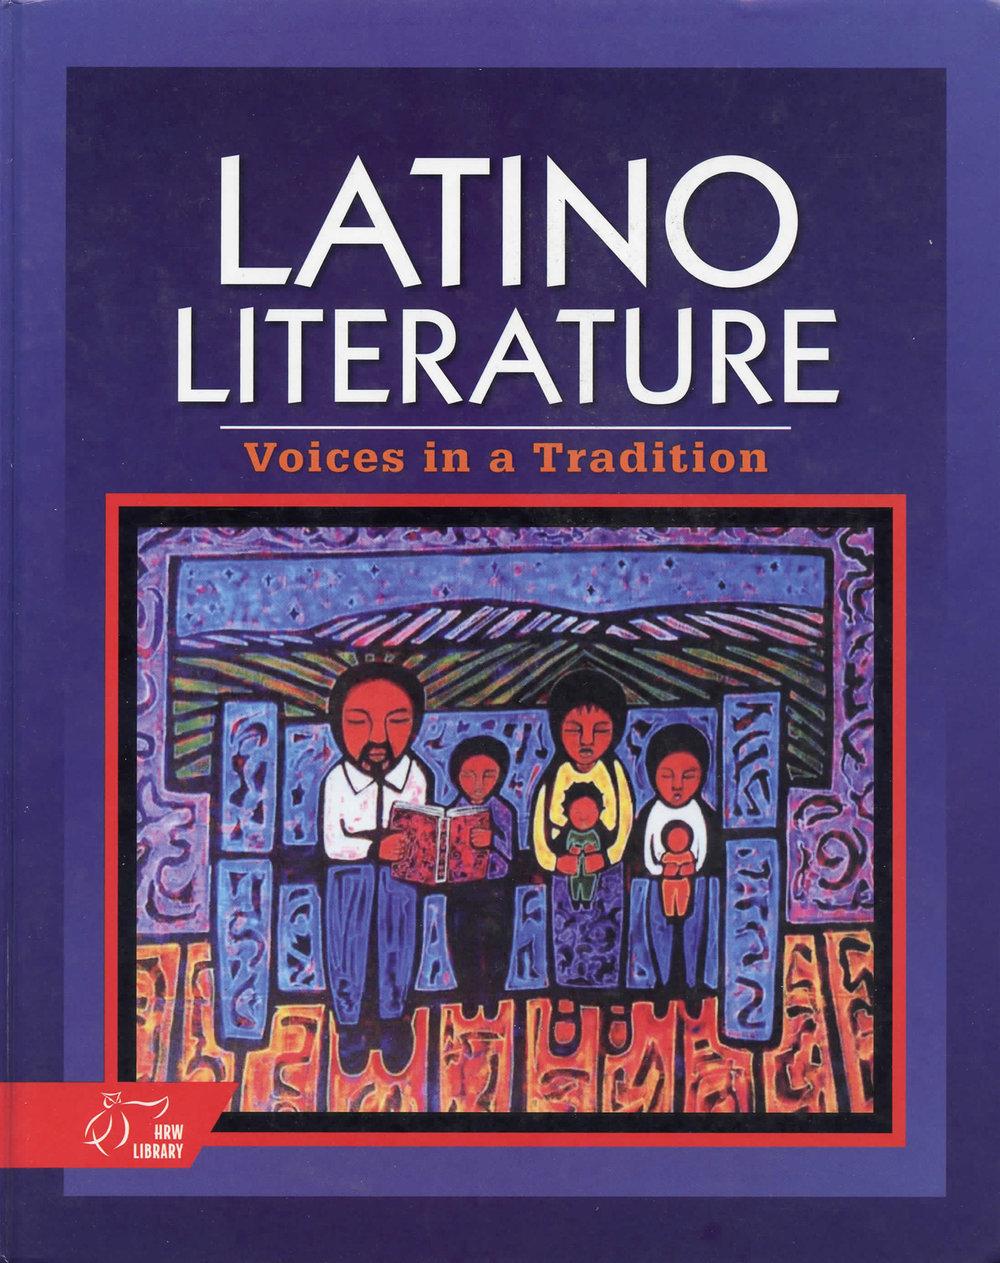 latino literature, 2006.jpg